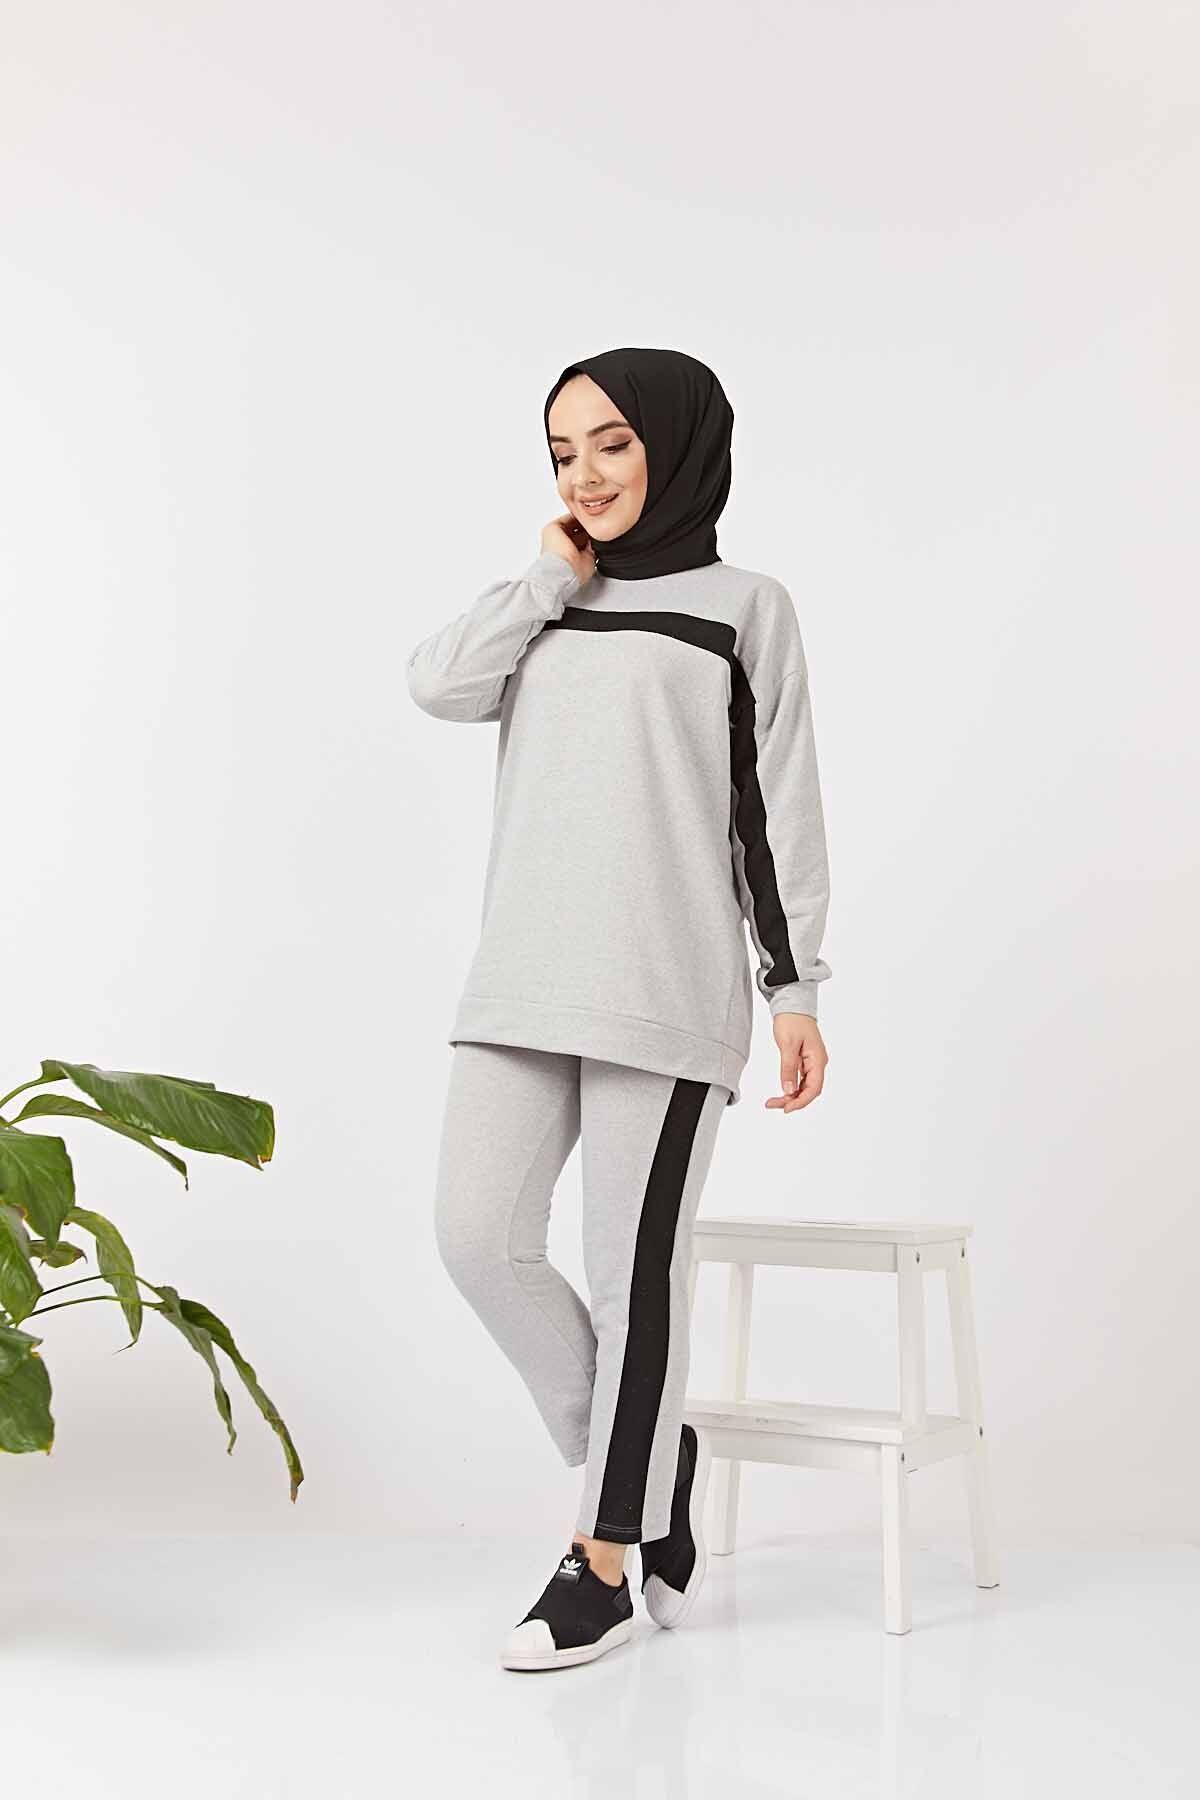 Serit Detayli Ikili Tesettur Takim Gri 2020 Moda Stilleri Moda Pantolon